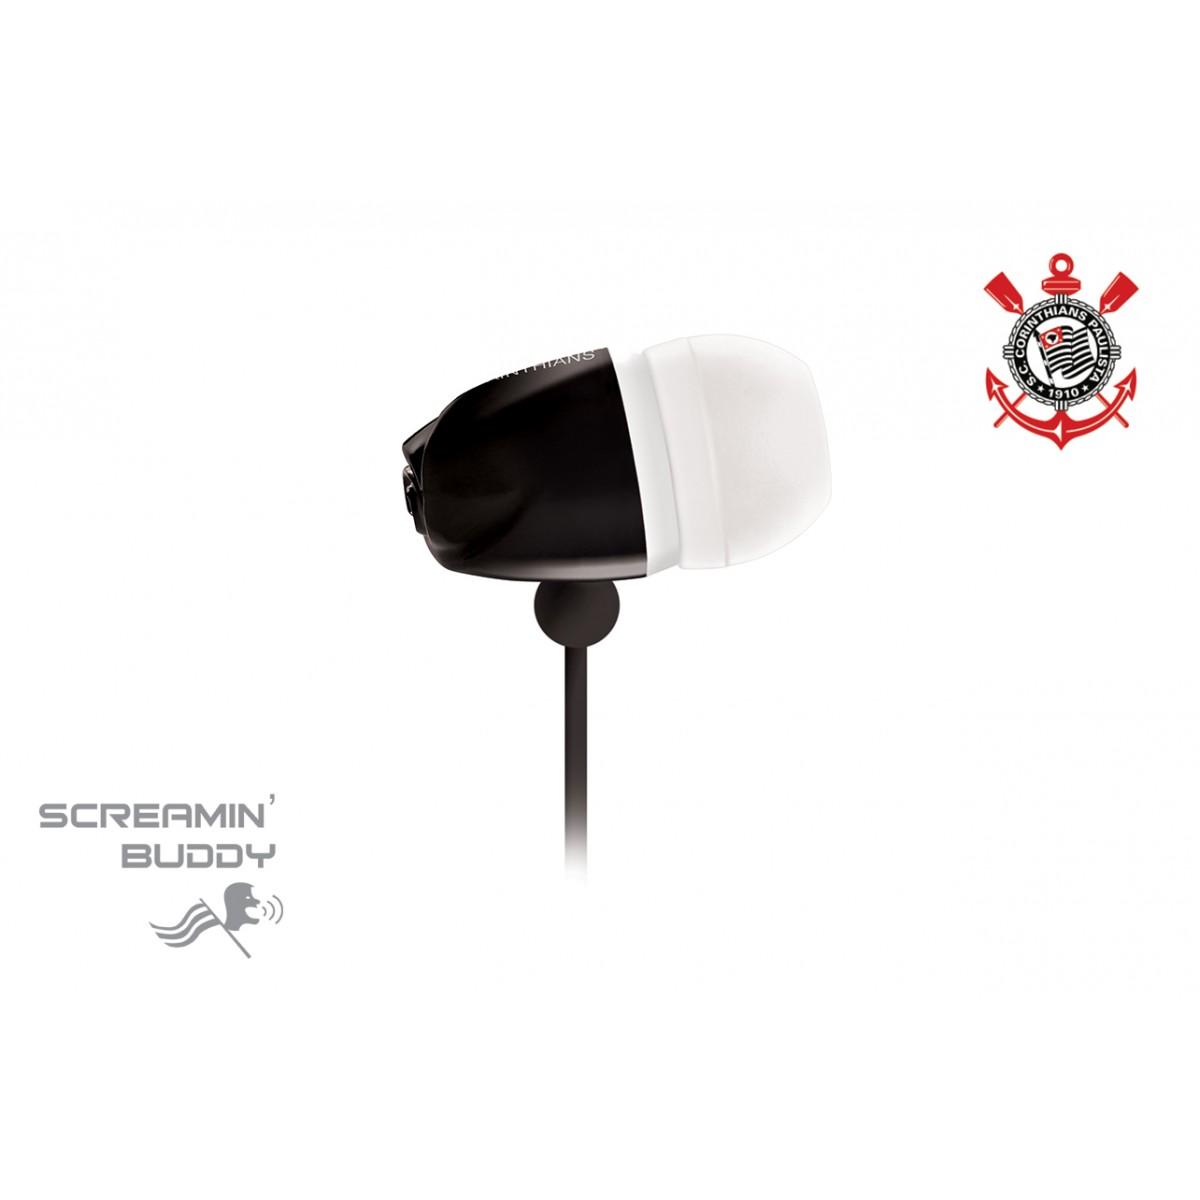 Fone de Ouvido Screamin Buddy Corinthians - SB-10/COR - Waldman